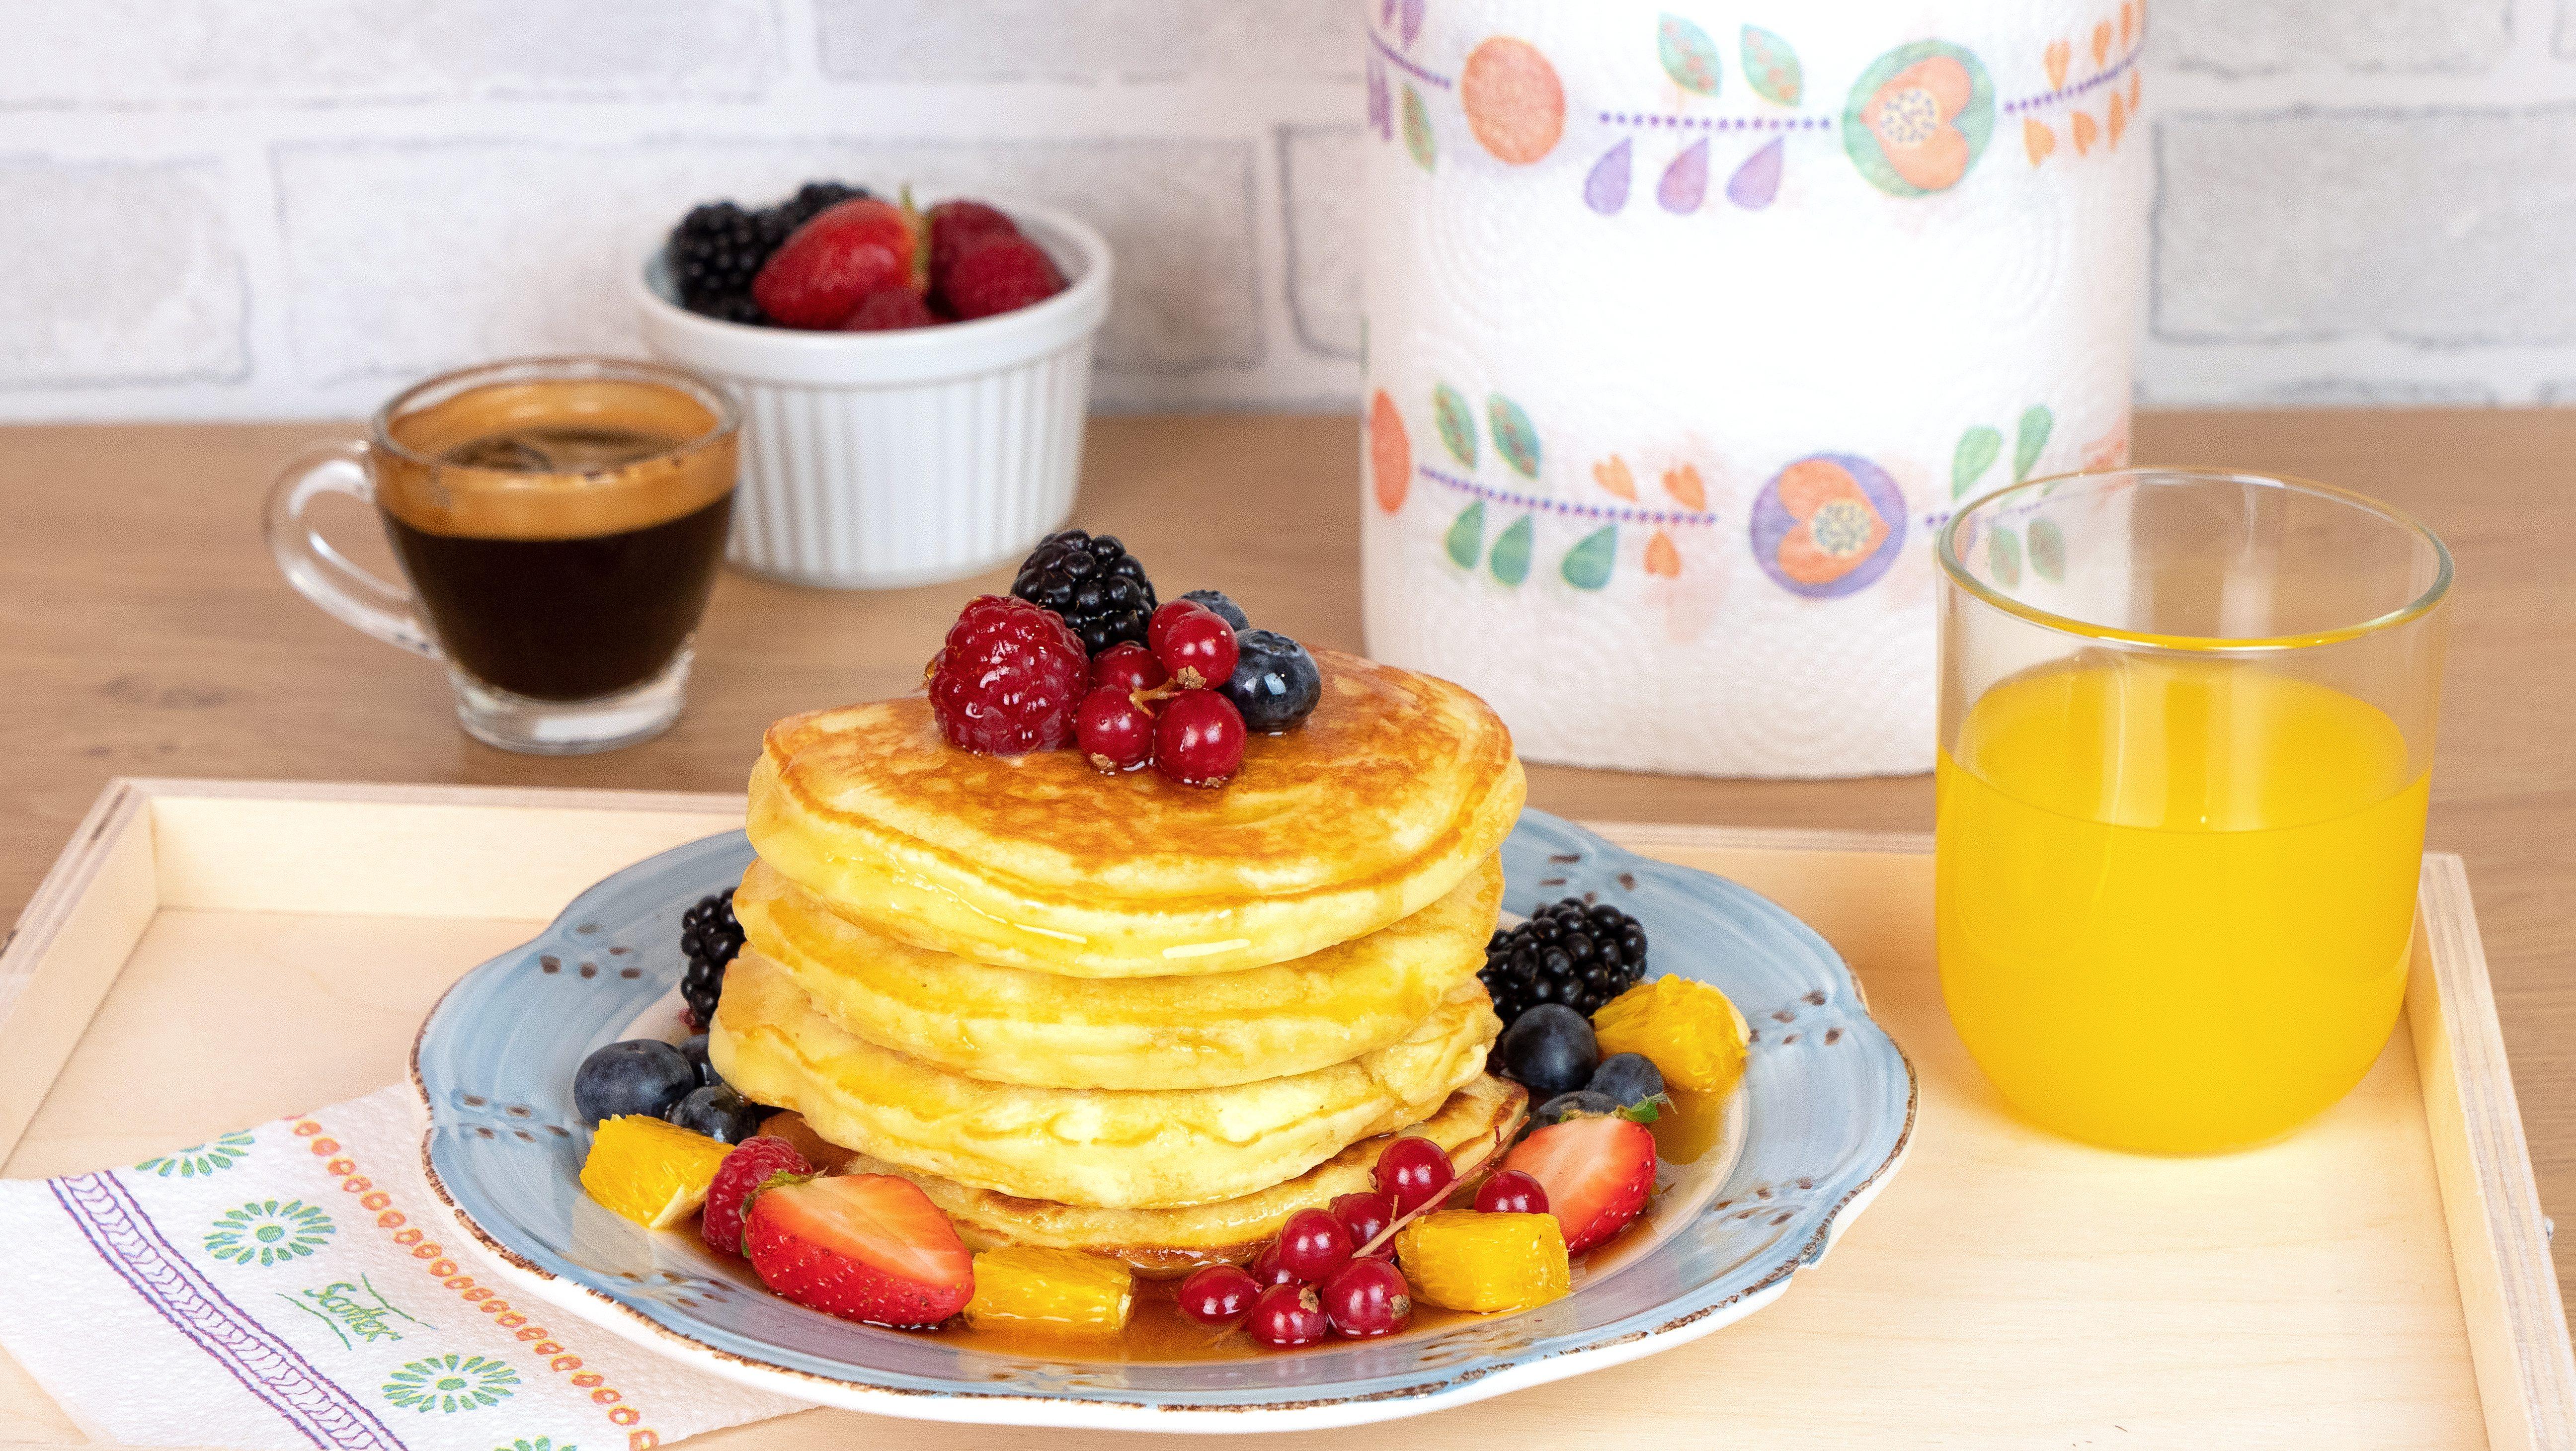 Pancakes alla ricotta: la ricetta facile e veloce per farli alti e morbidi!